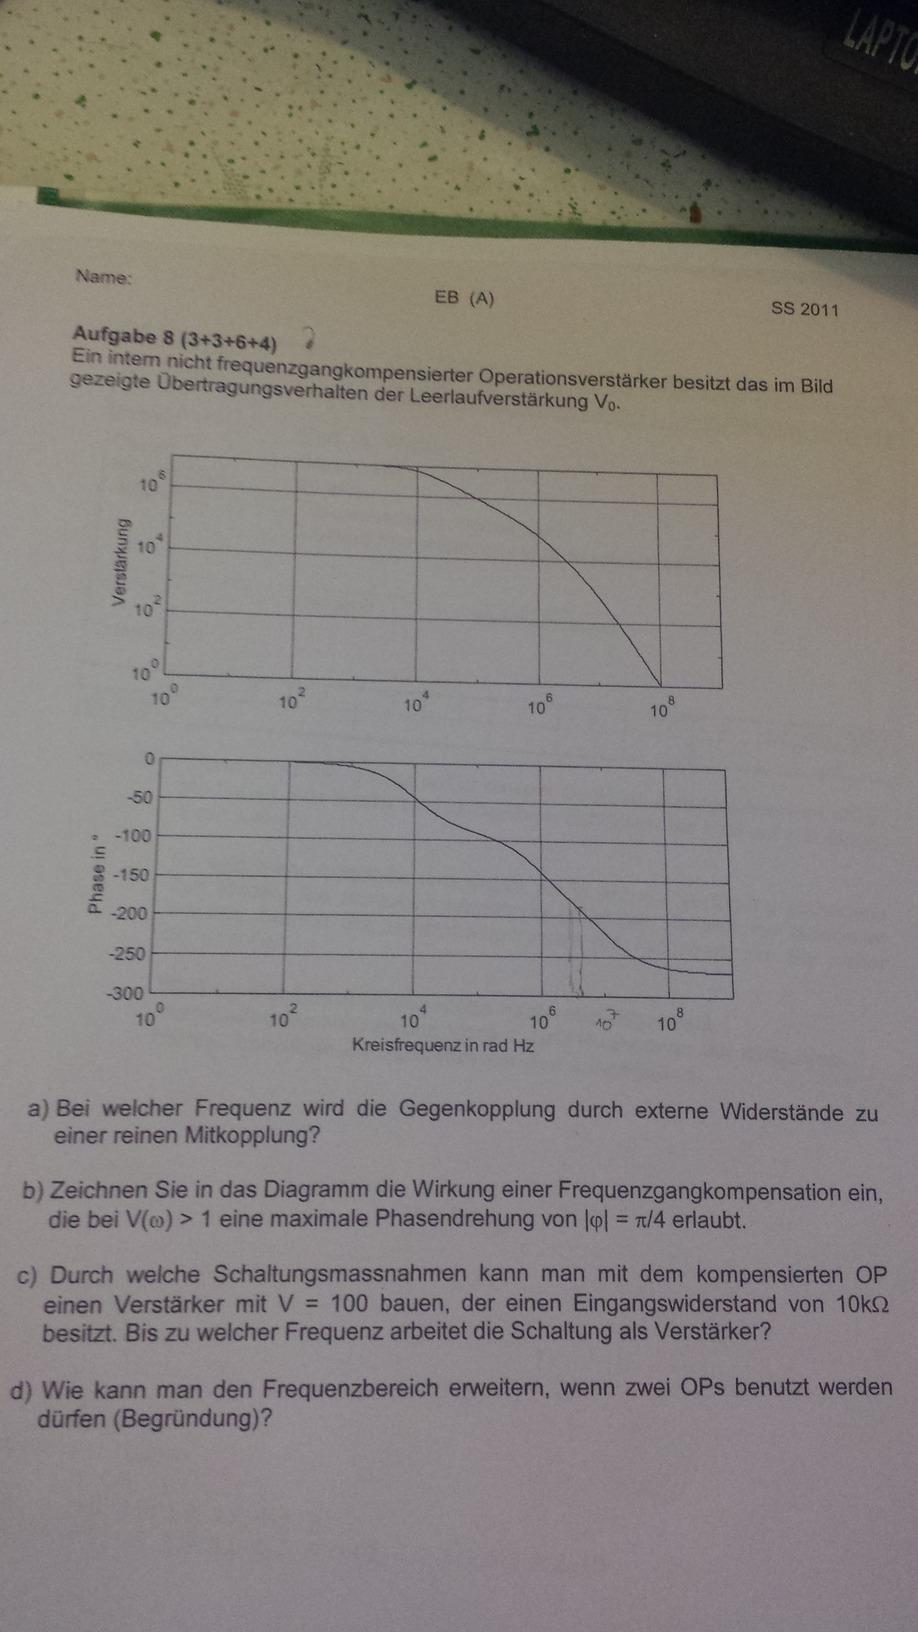 Gemütlich Widerstandsdiagramm Bilder - Verdrahtungsideen - korsmi.info